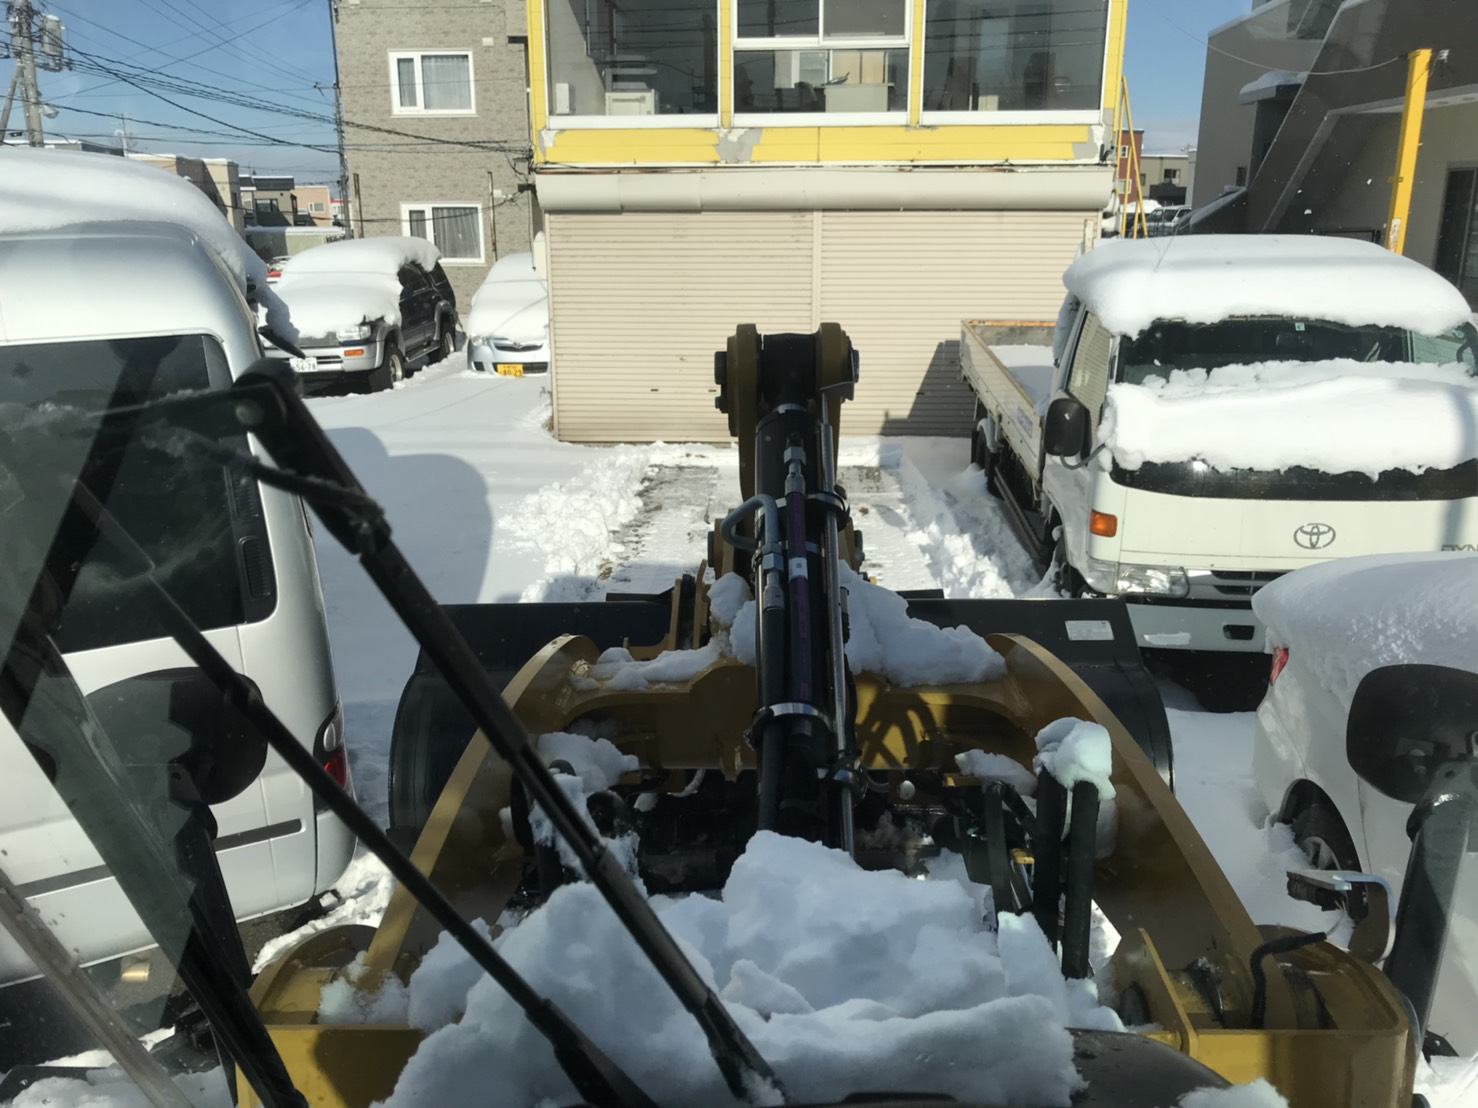 12月5日 火曜日のひとログ(´▽`) 除雪シーズン到来!!除雪車リース承り〼!自社ローン☆_b0127002_1651257.jpg